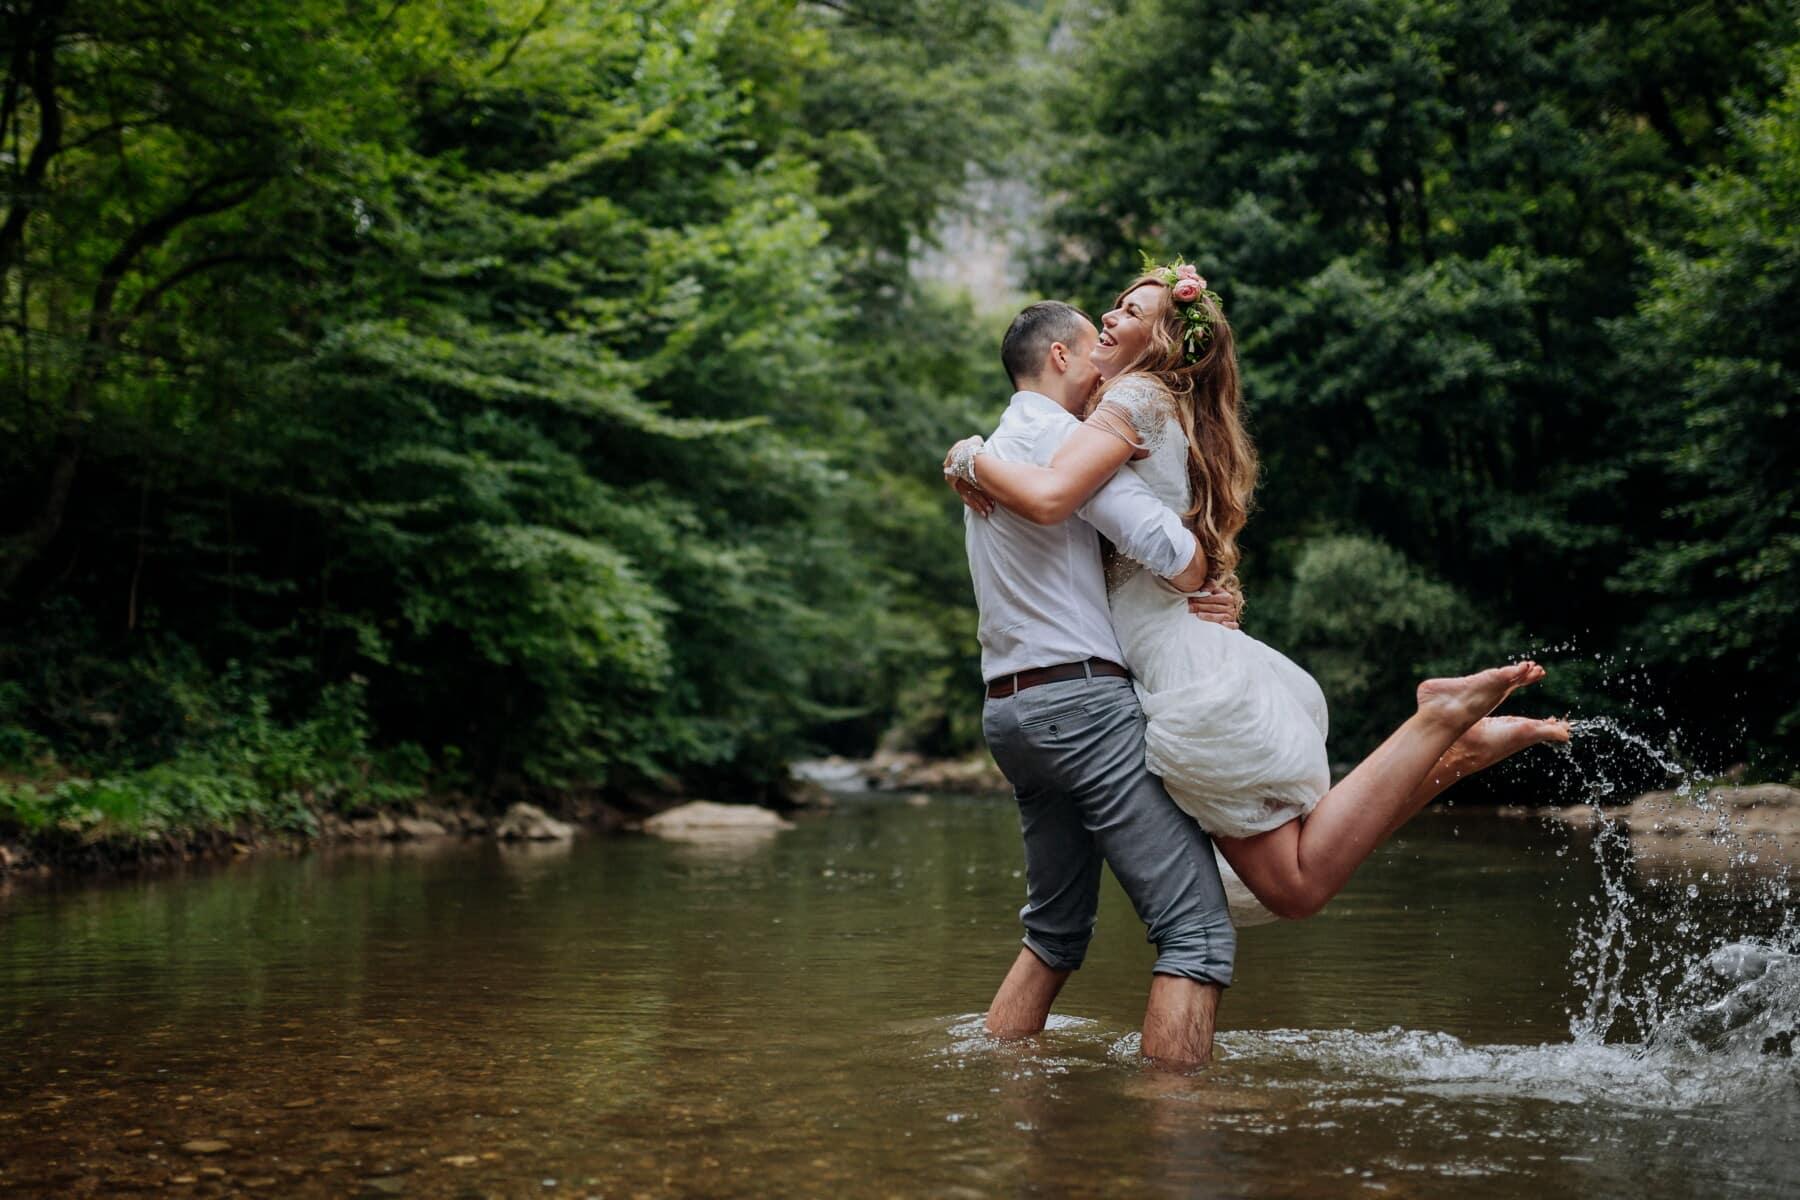 nätti tyttö, nuori nainen, hauskaa, nautinto, hymyillen, pidä, puro, halaaminen, poikaystävä, Rakkaus